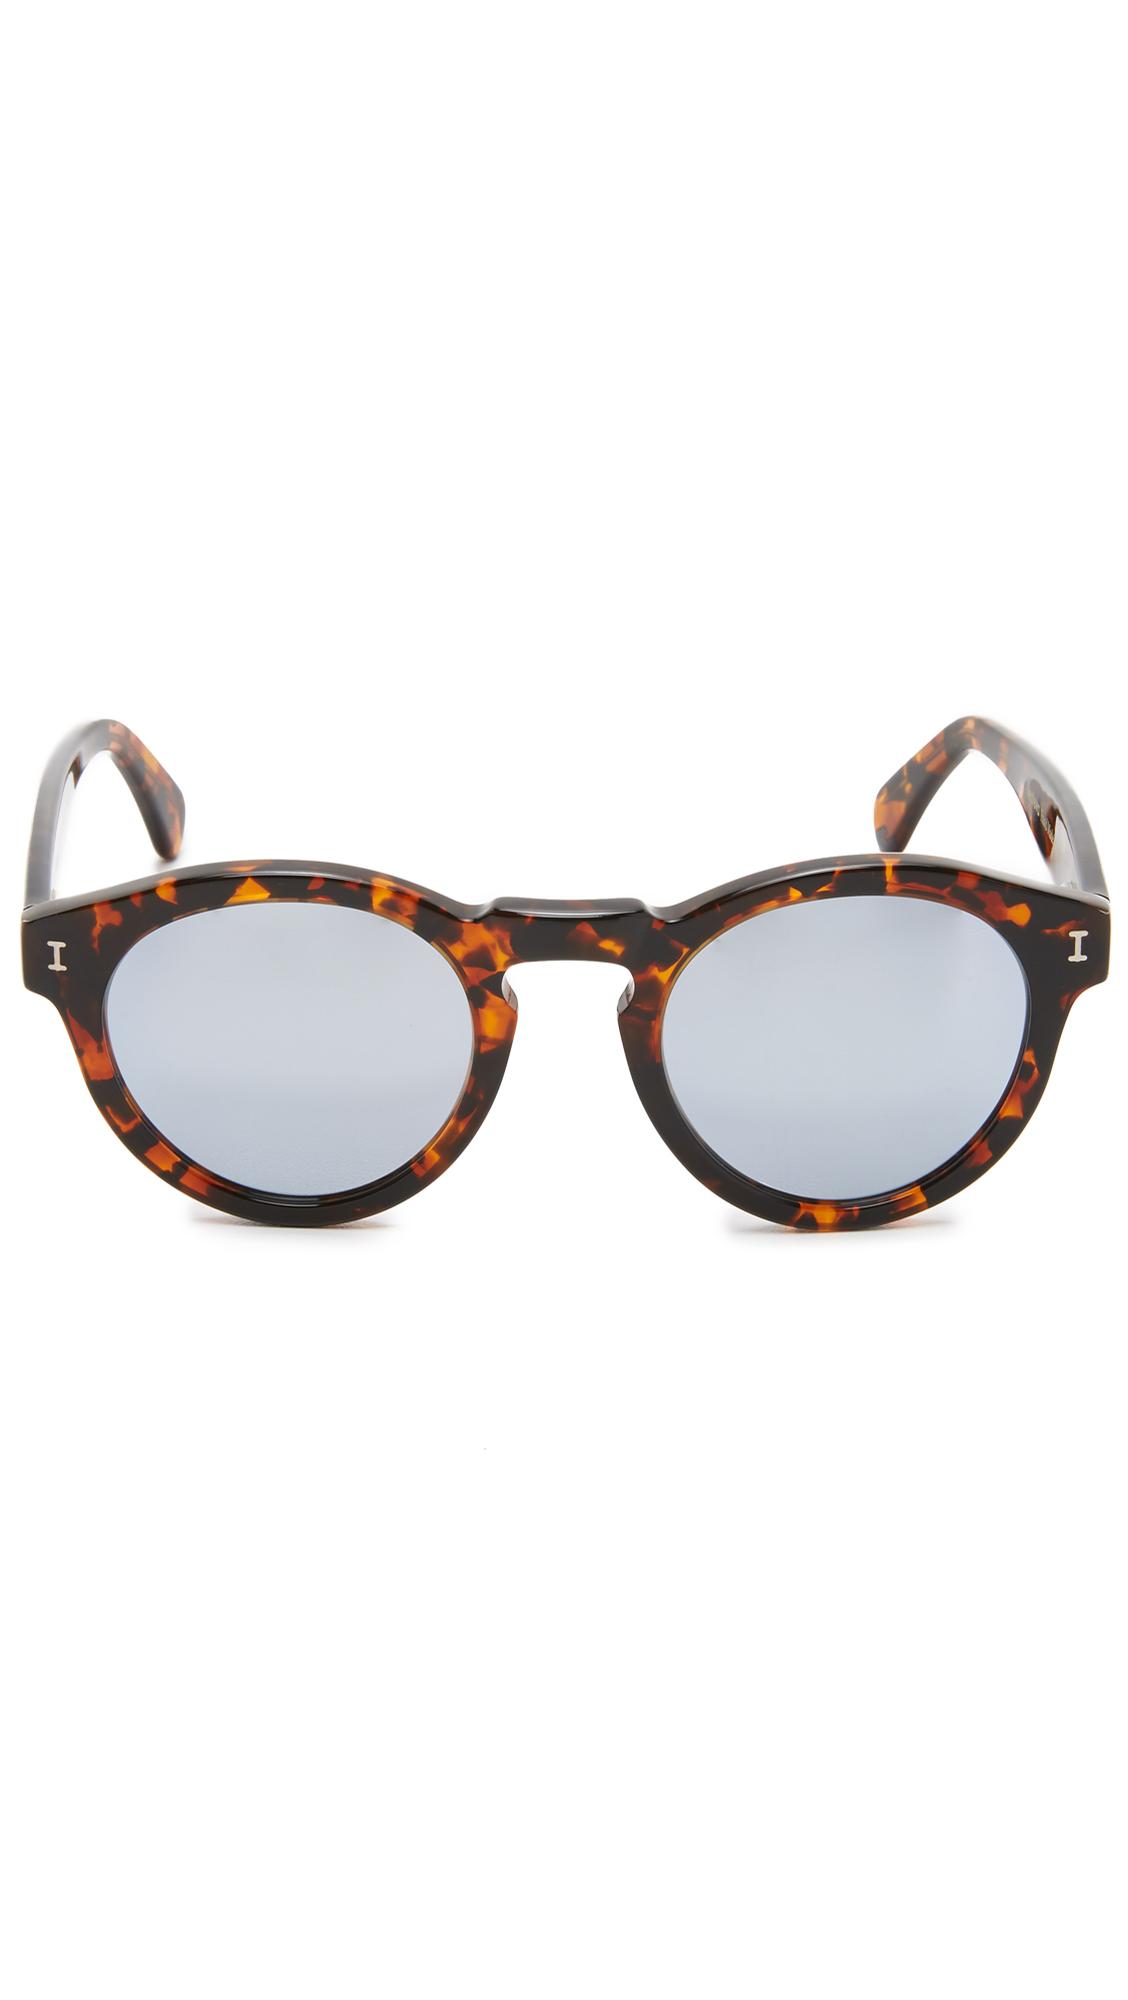 294eaf91d Illesteva Leonard Sunglasses in Brown for Men - Lyst